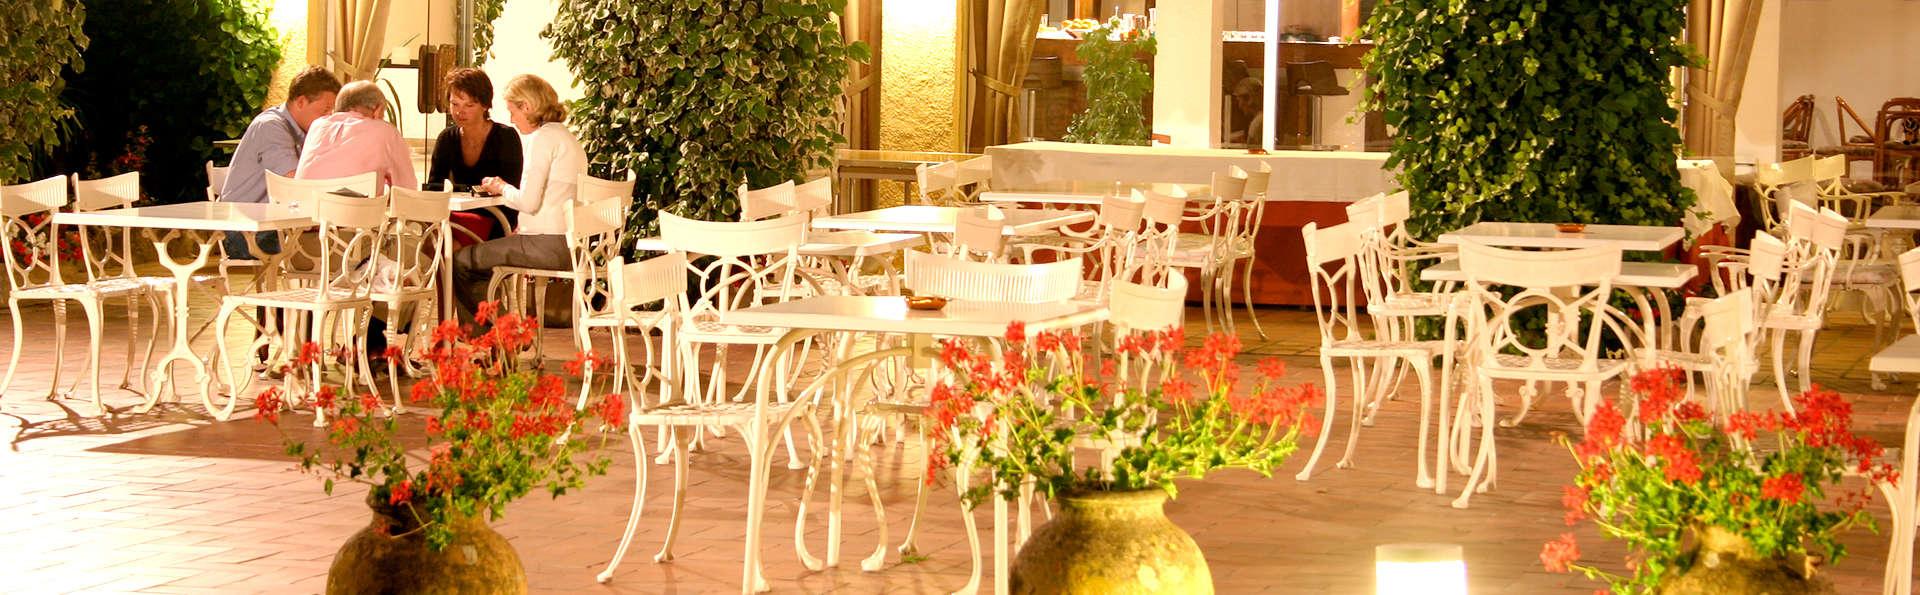 Escapada a Santa Cristina d'Aro con cena incluida